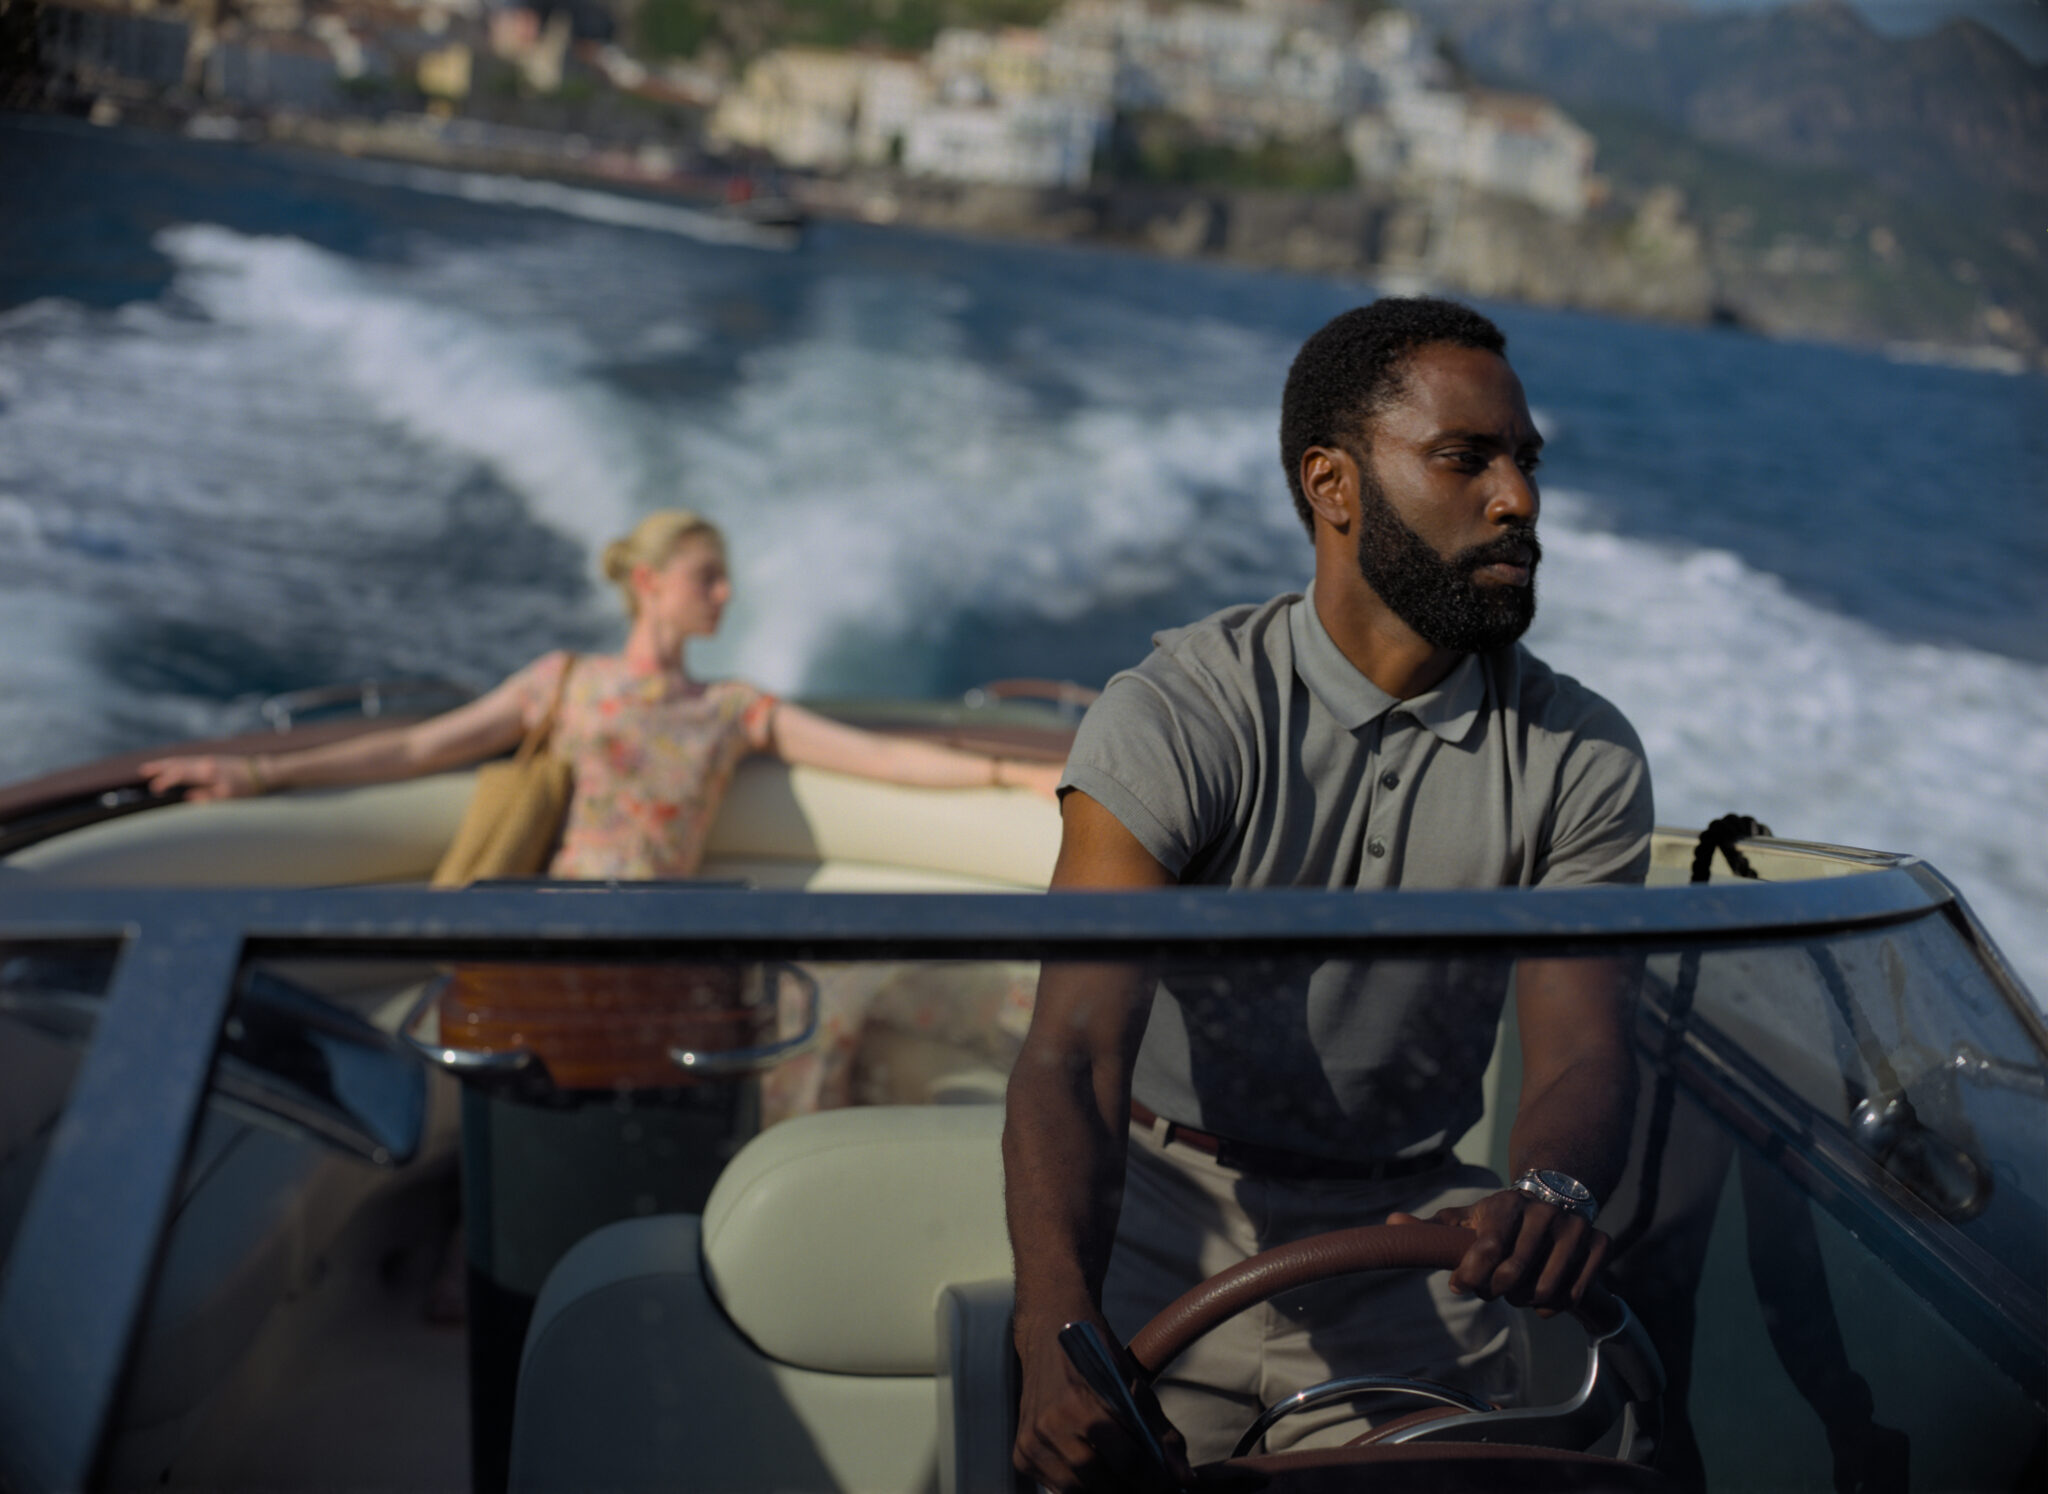 Der Protagonist steuert eine Yacht in Tenet, auf dem Rücksitz ist Elizabeth Debicki zu erkennen